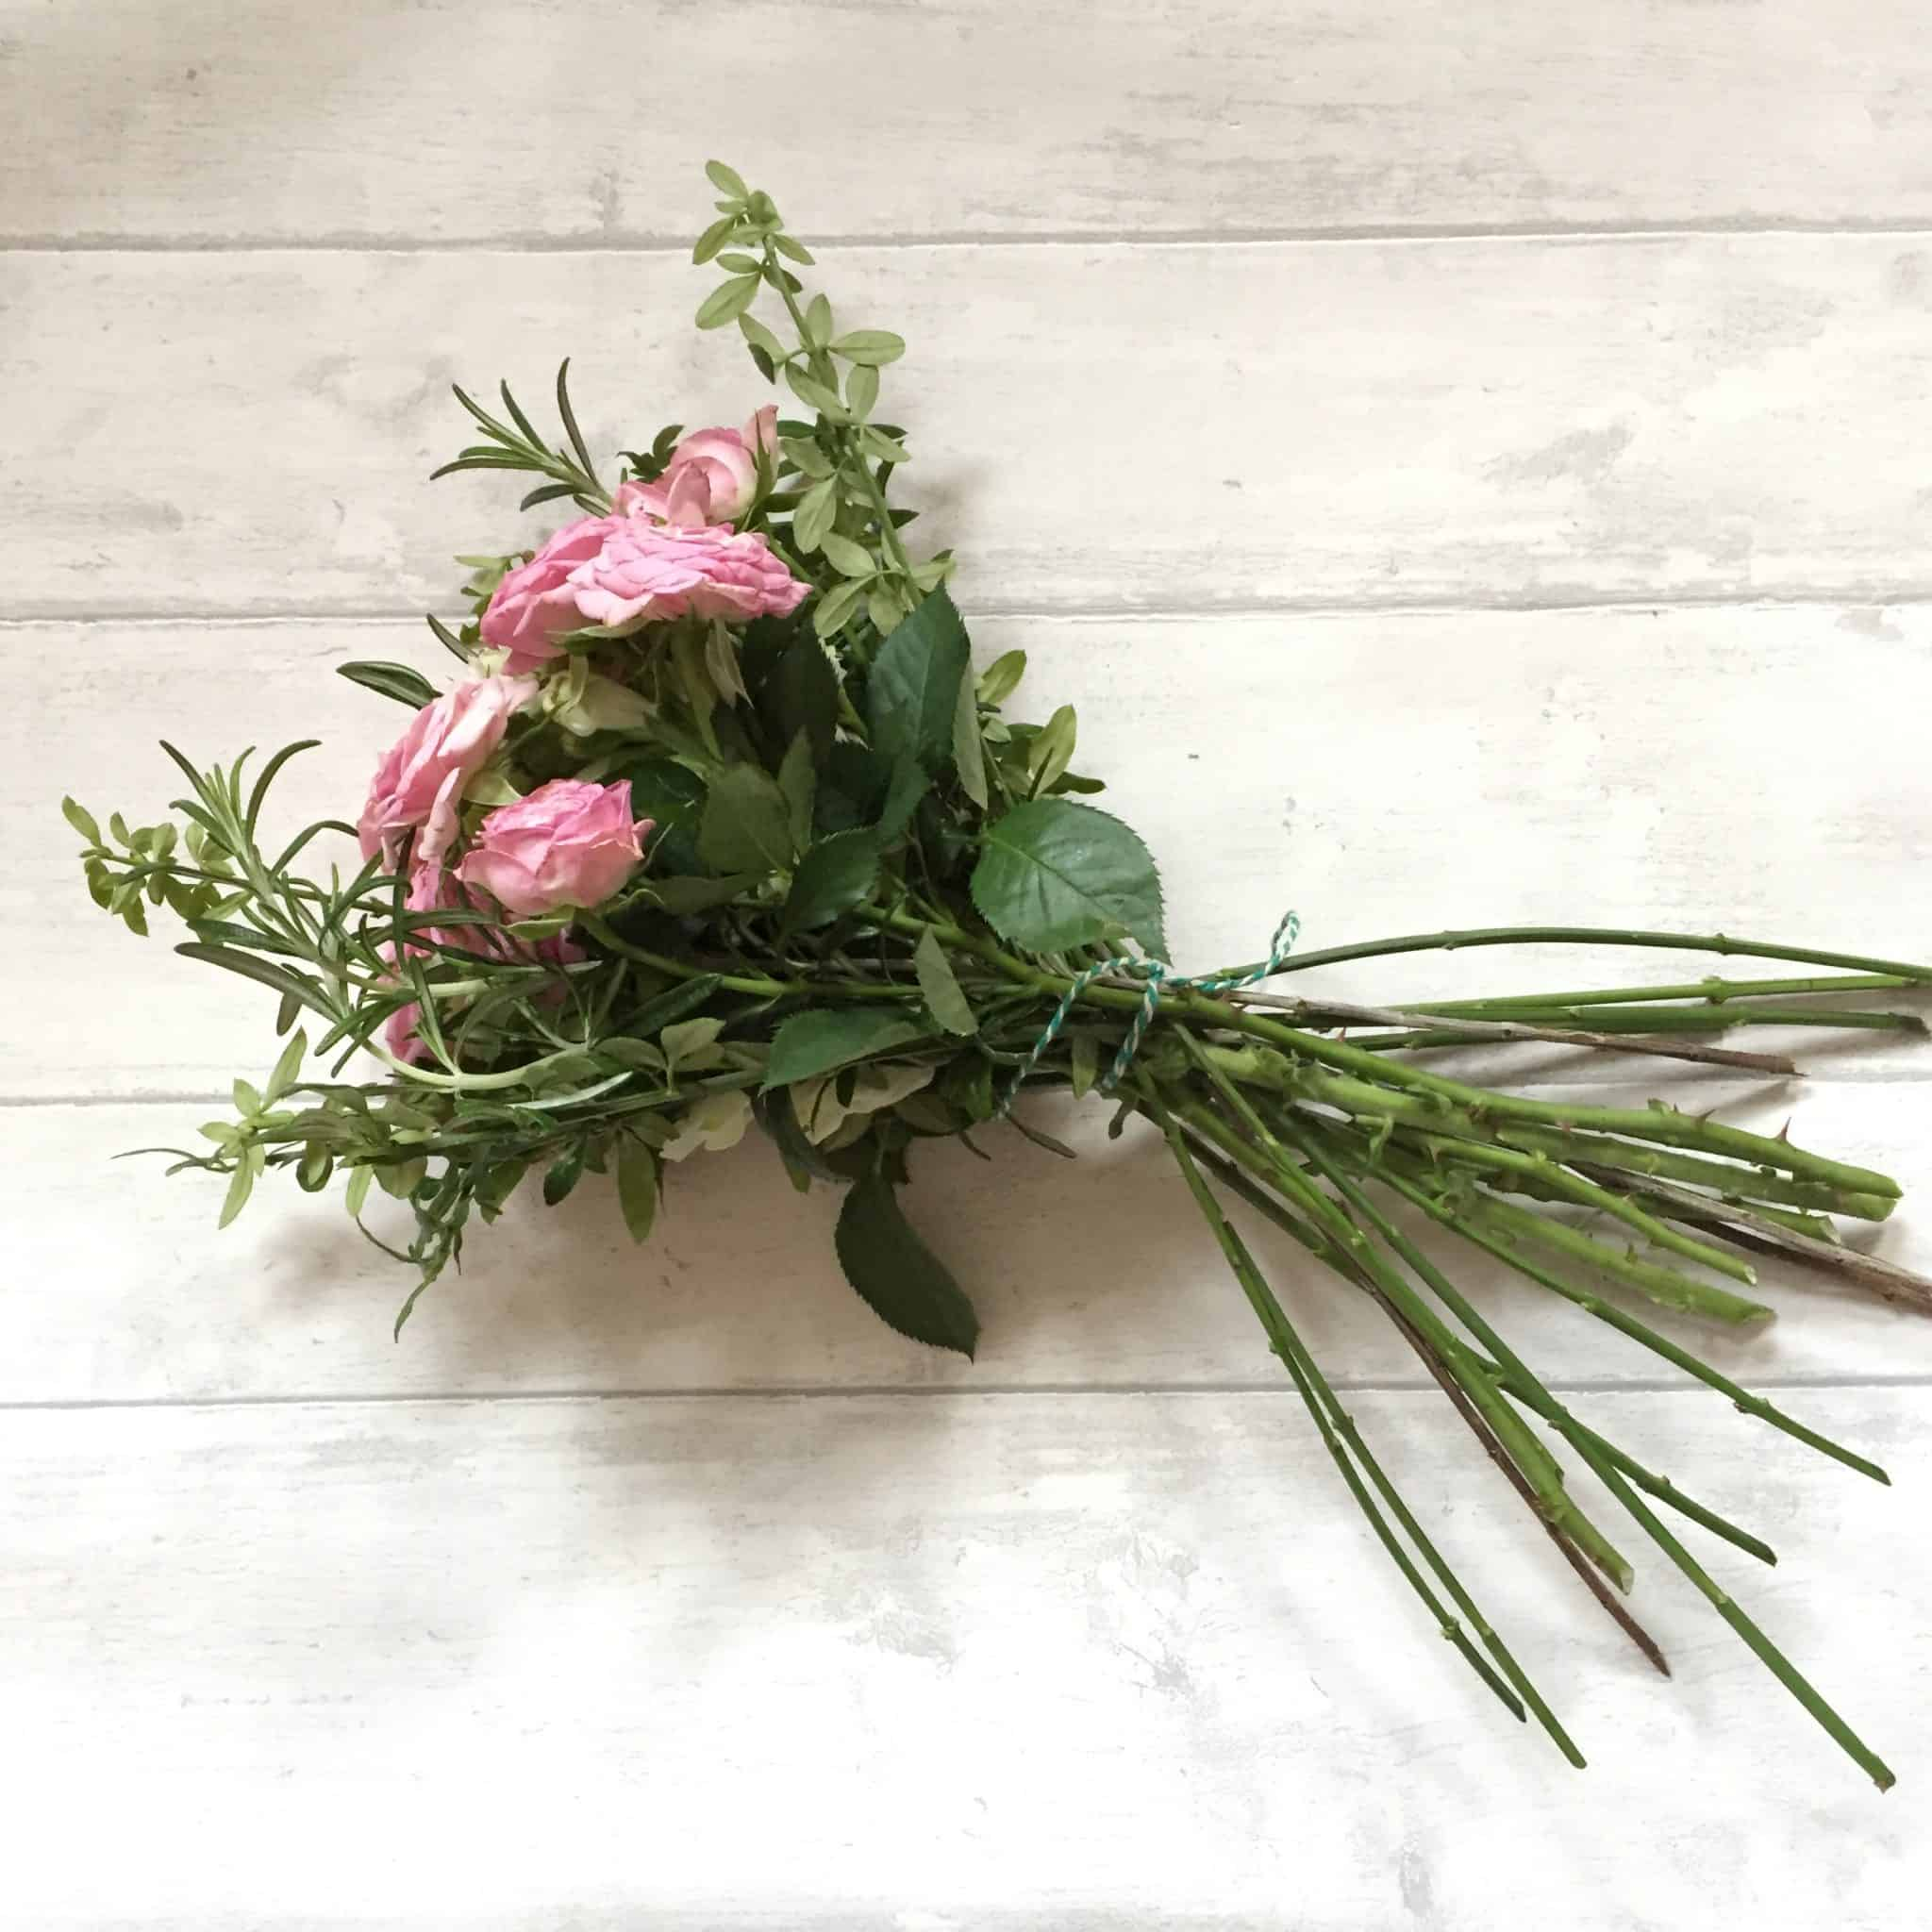 How to arrange flowers: handmade arrangement